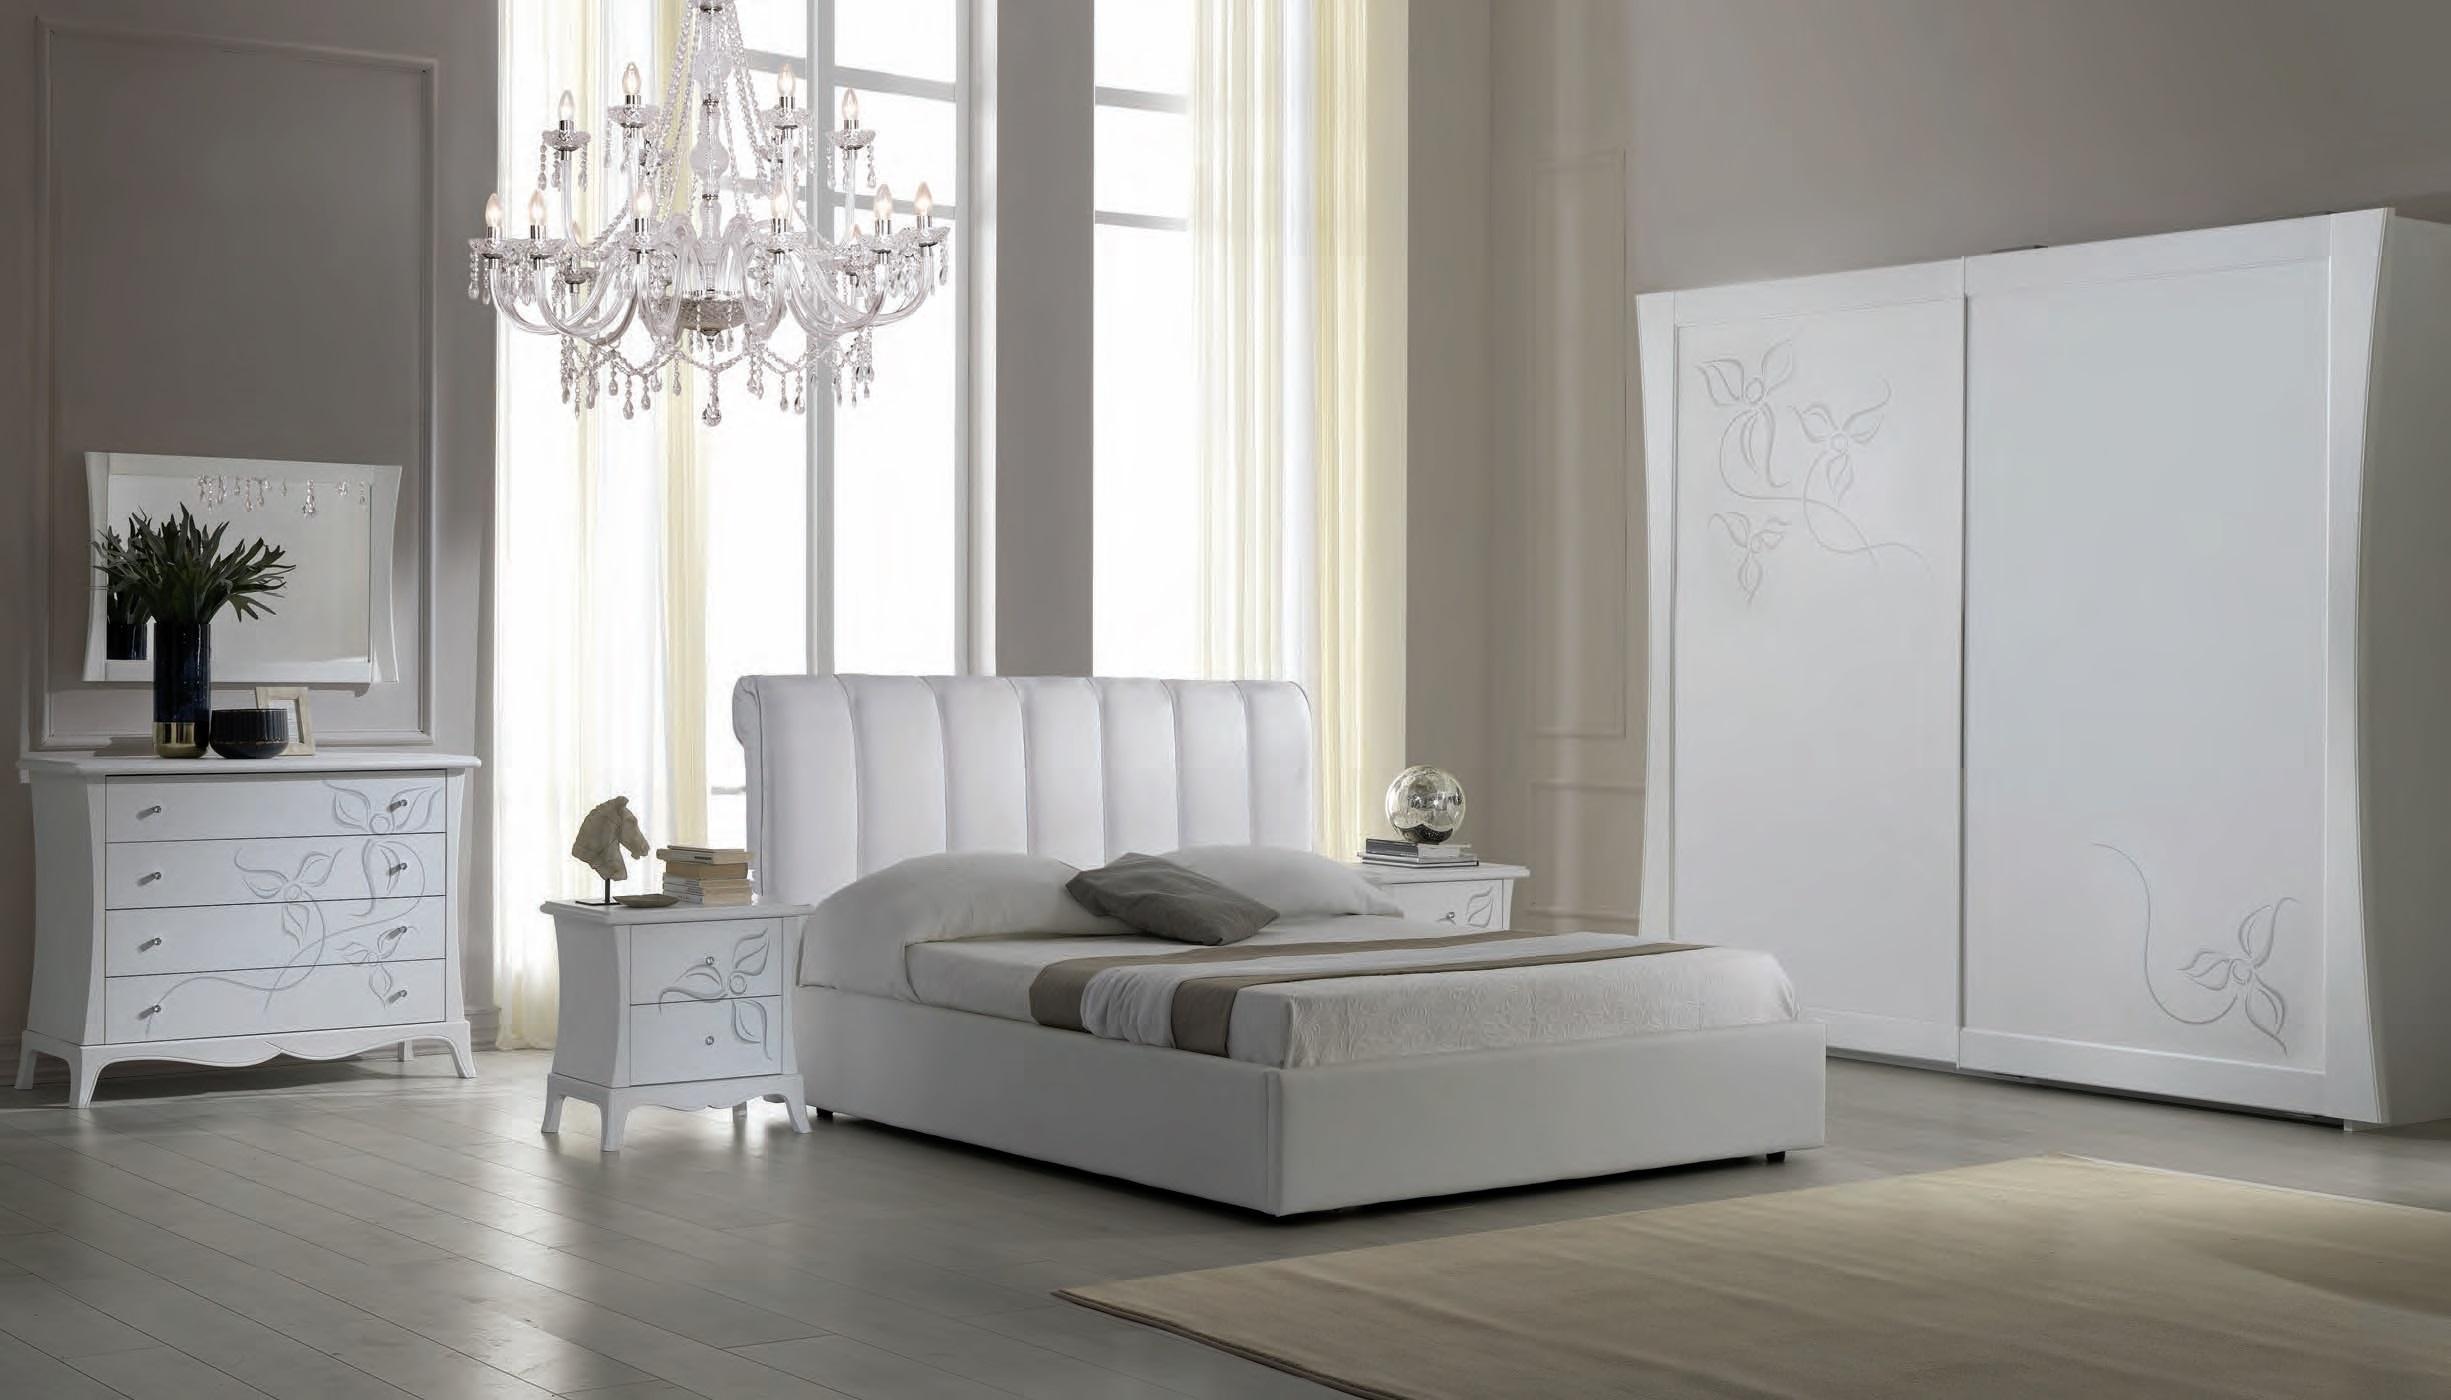 Schlafzimmer Set Jolie in Weiß/Silber 160x200 komplett